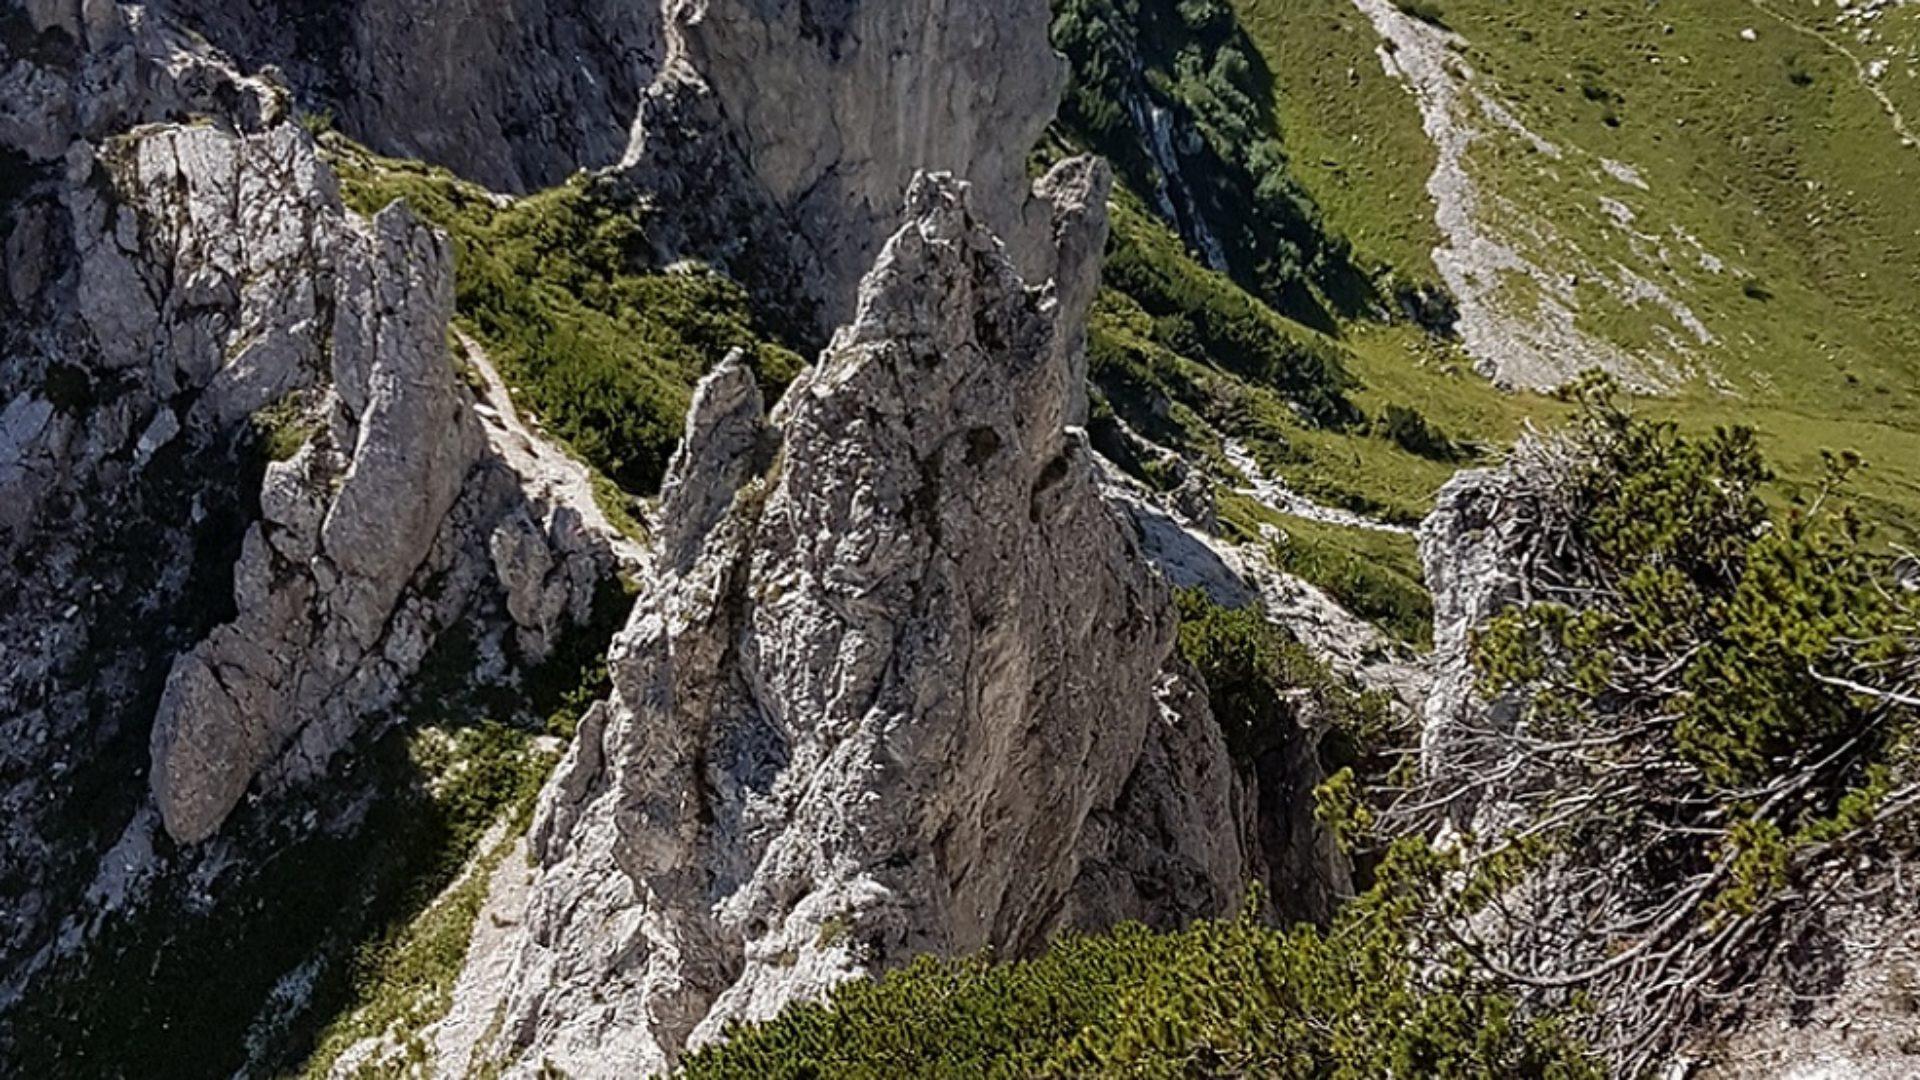 Jungfernsteig Privatzimmer Ferienwohnungen gassner Klettersteige im Gesäuse Nationalpark Gesäuse